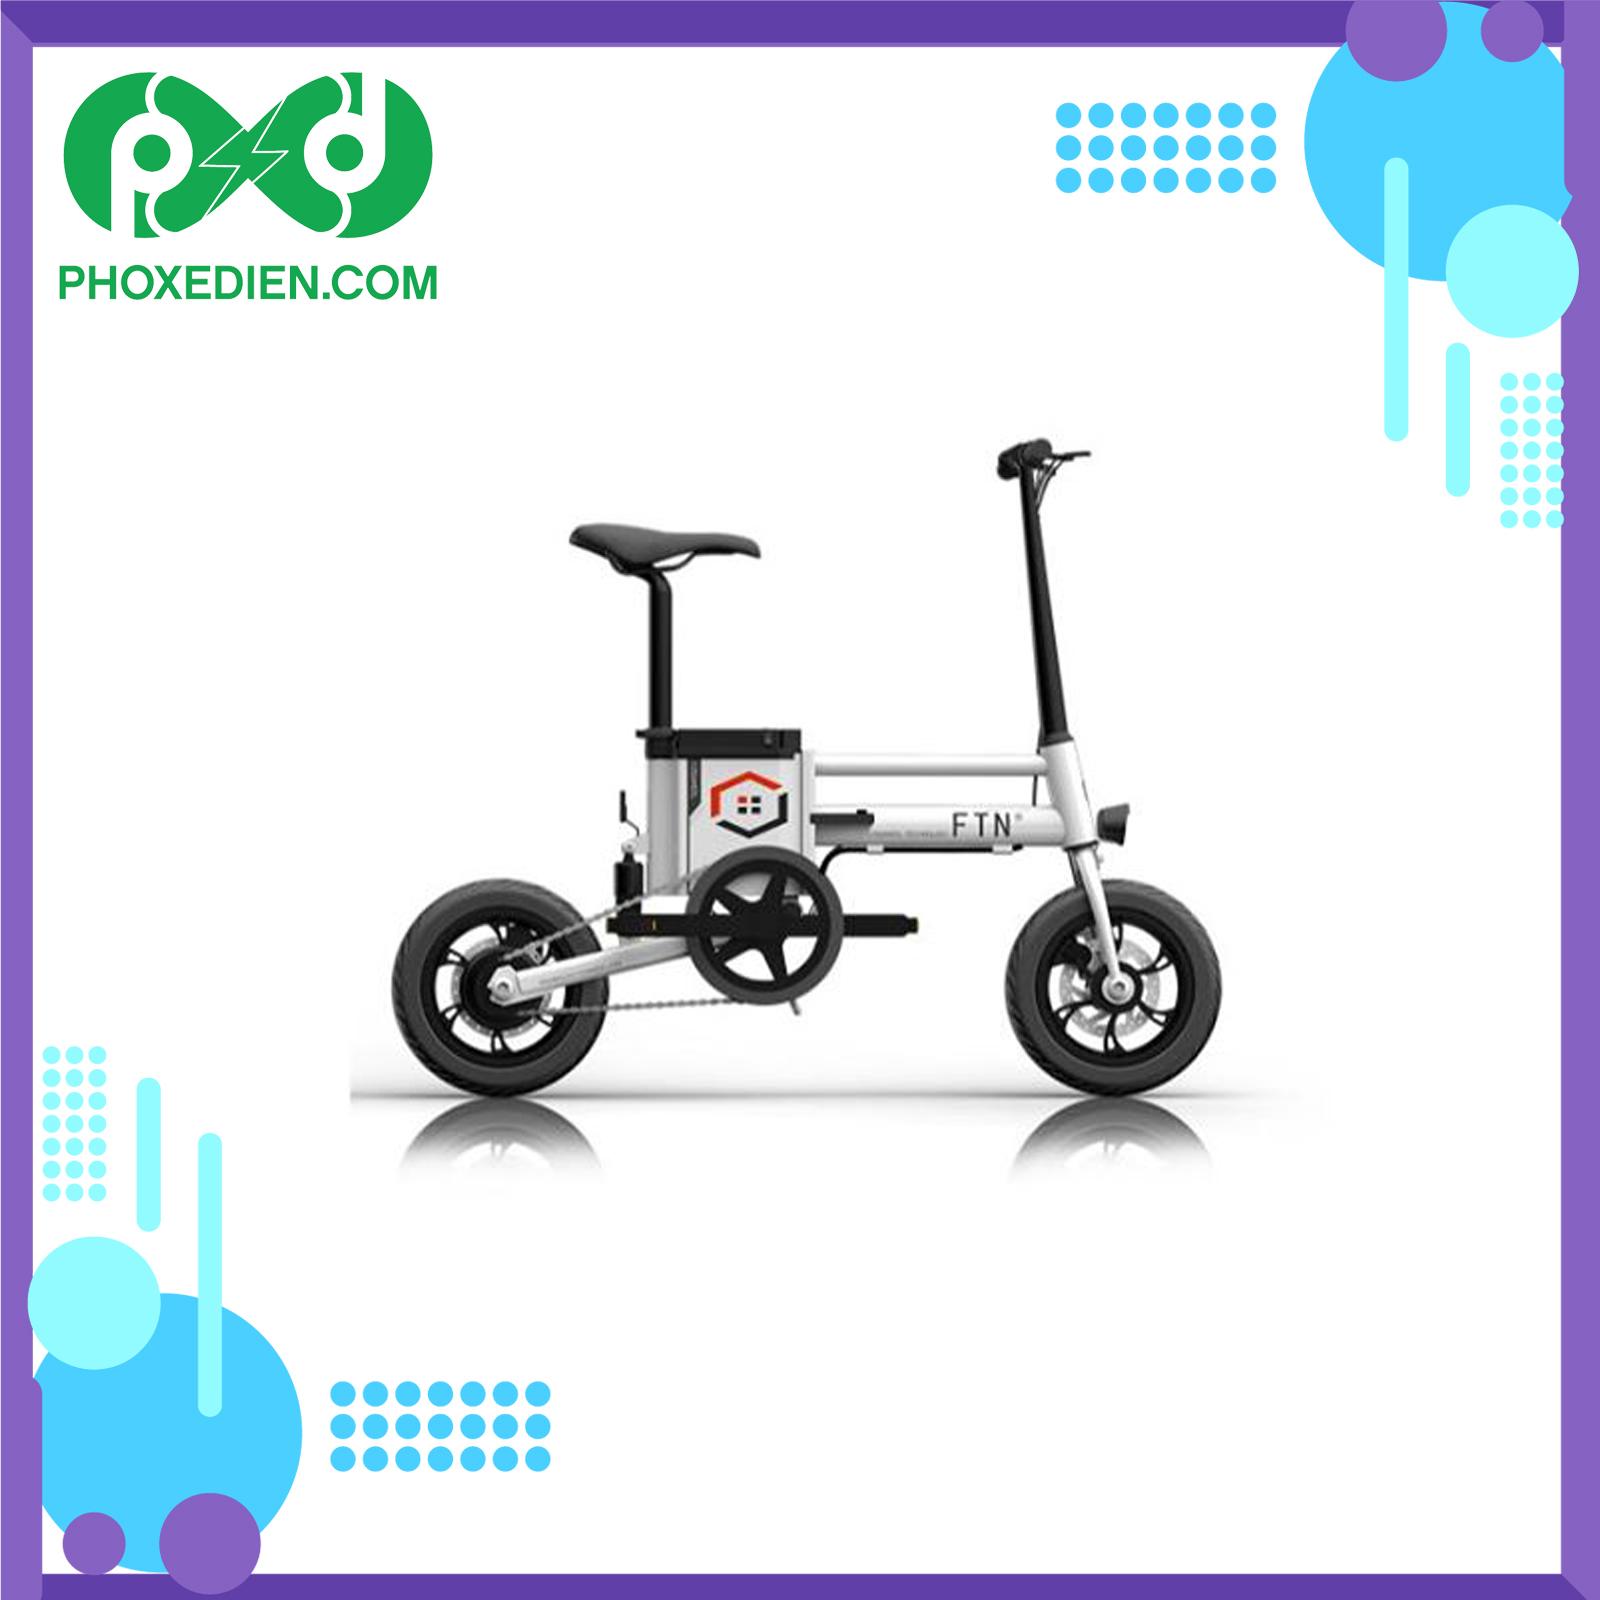 Xe điện gấp vừa nhỏ nhắn nhưng vẫn đảm bảo được động cơ và năng suất hoạt động